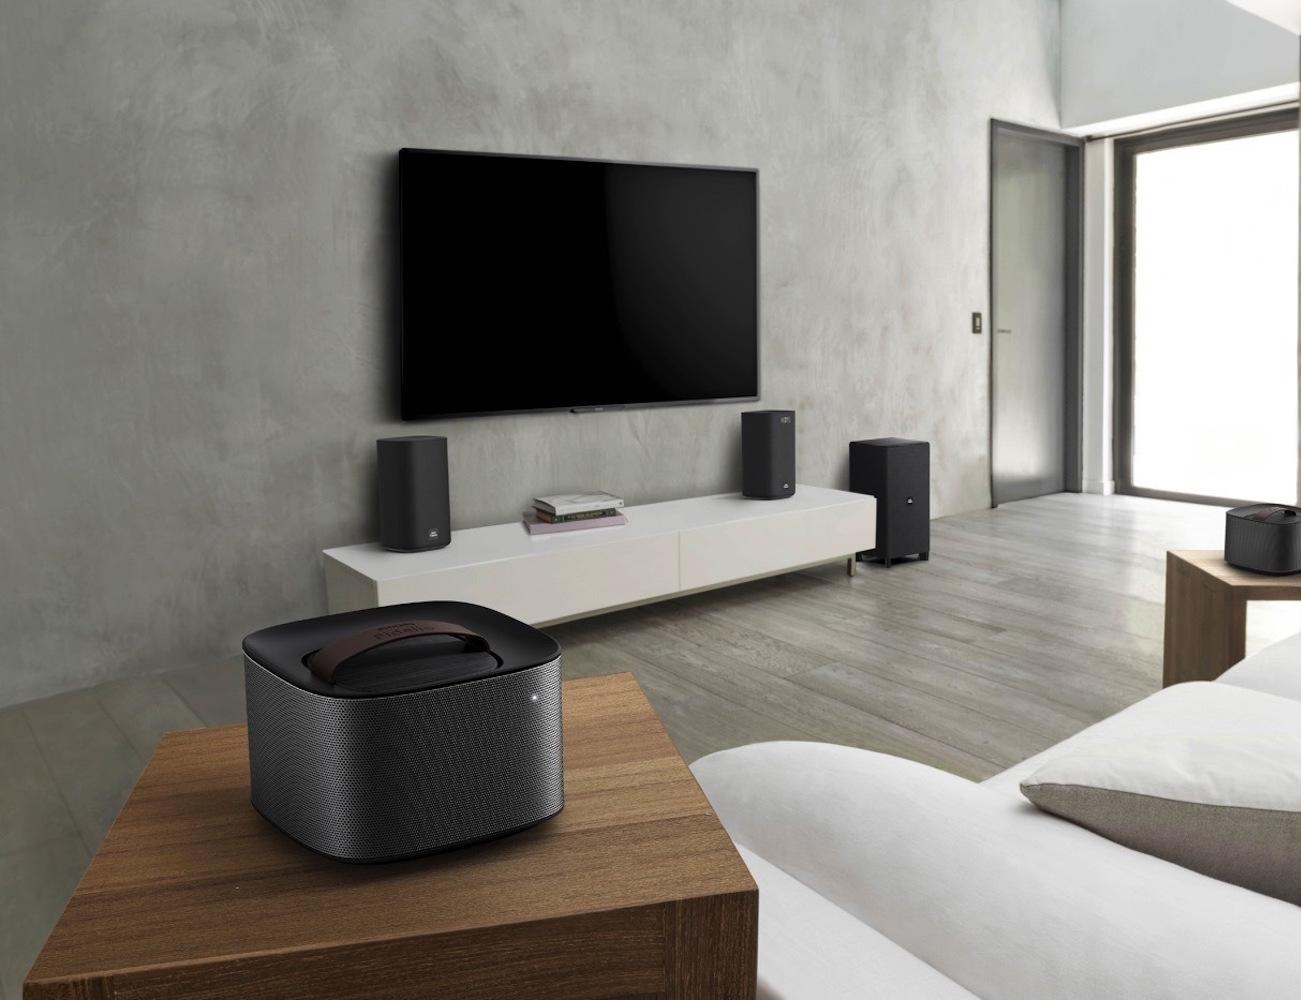 philips-fidelio-e6-wireless-speakers-stereo-to-surround-sound-in-seconds-01